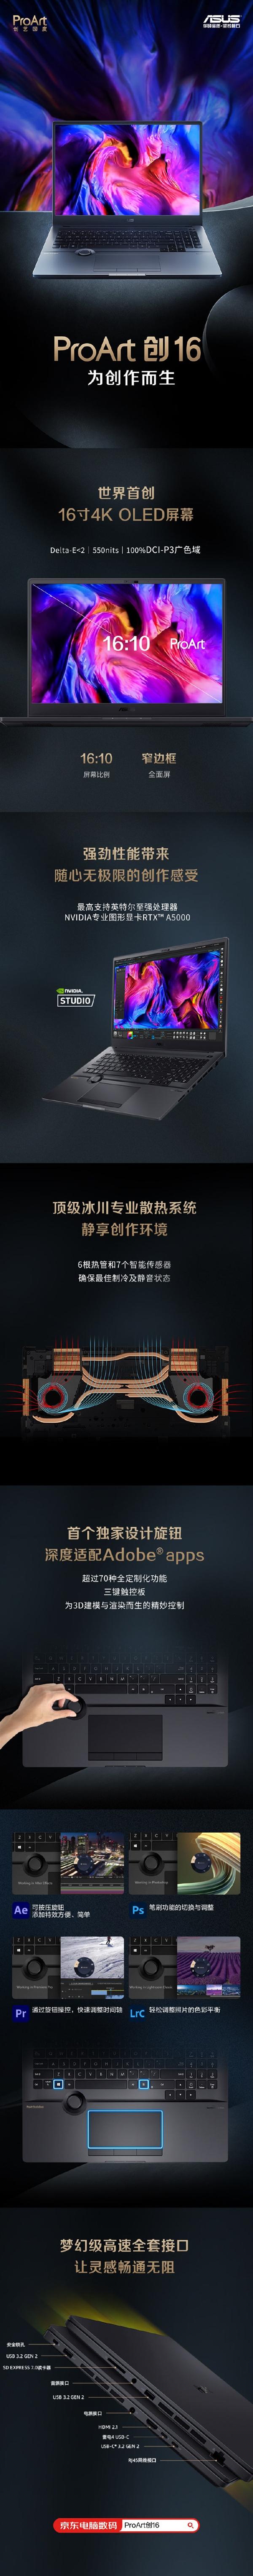 最贵39999元!华硕ProArt创16发布:世界首创16英寸4K OLED屏